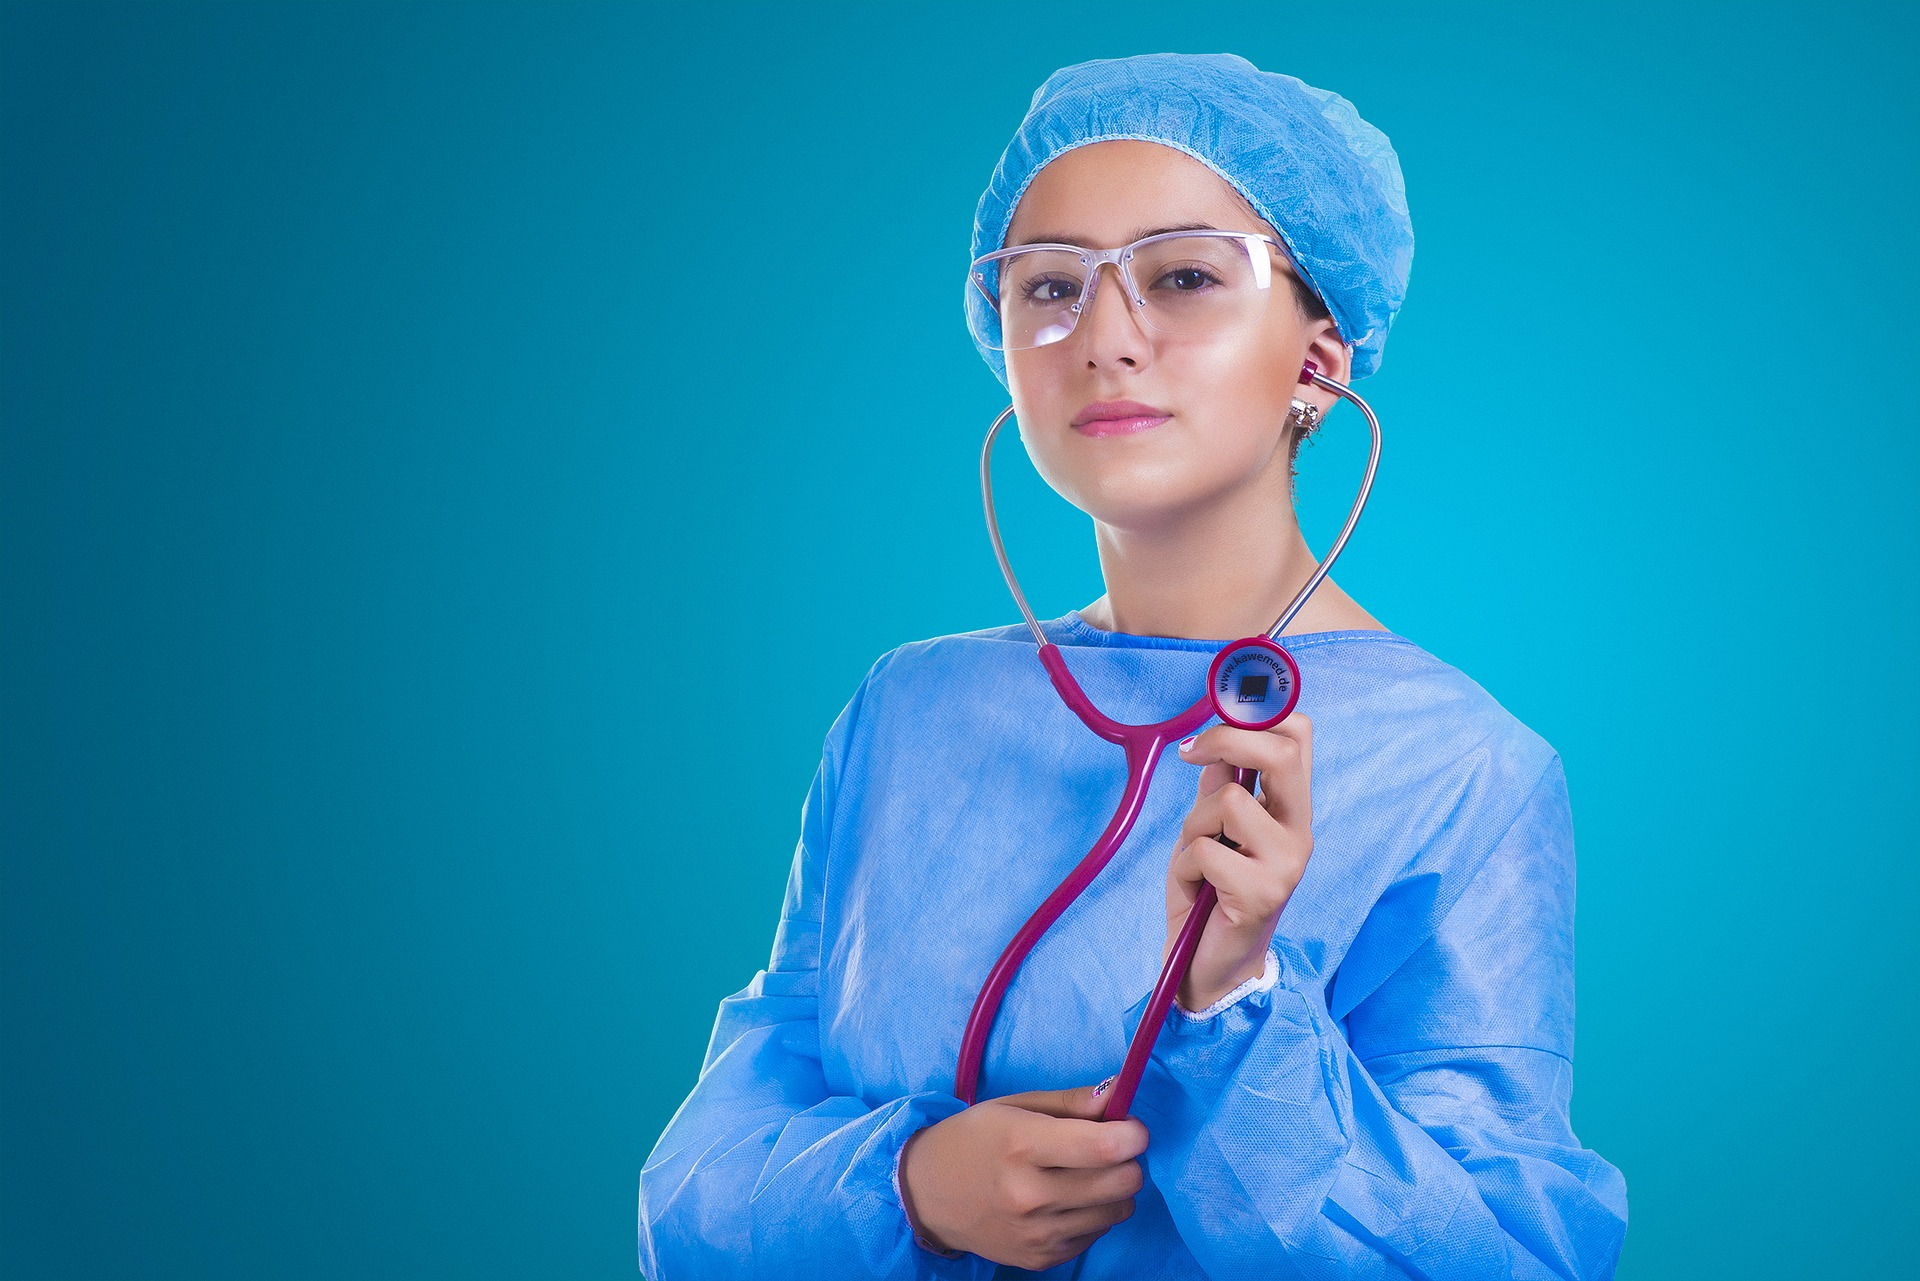 予防医学における「バイオマーカー」